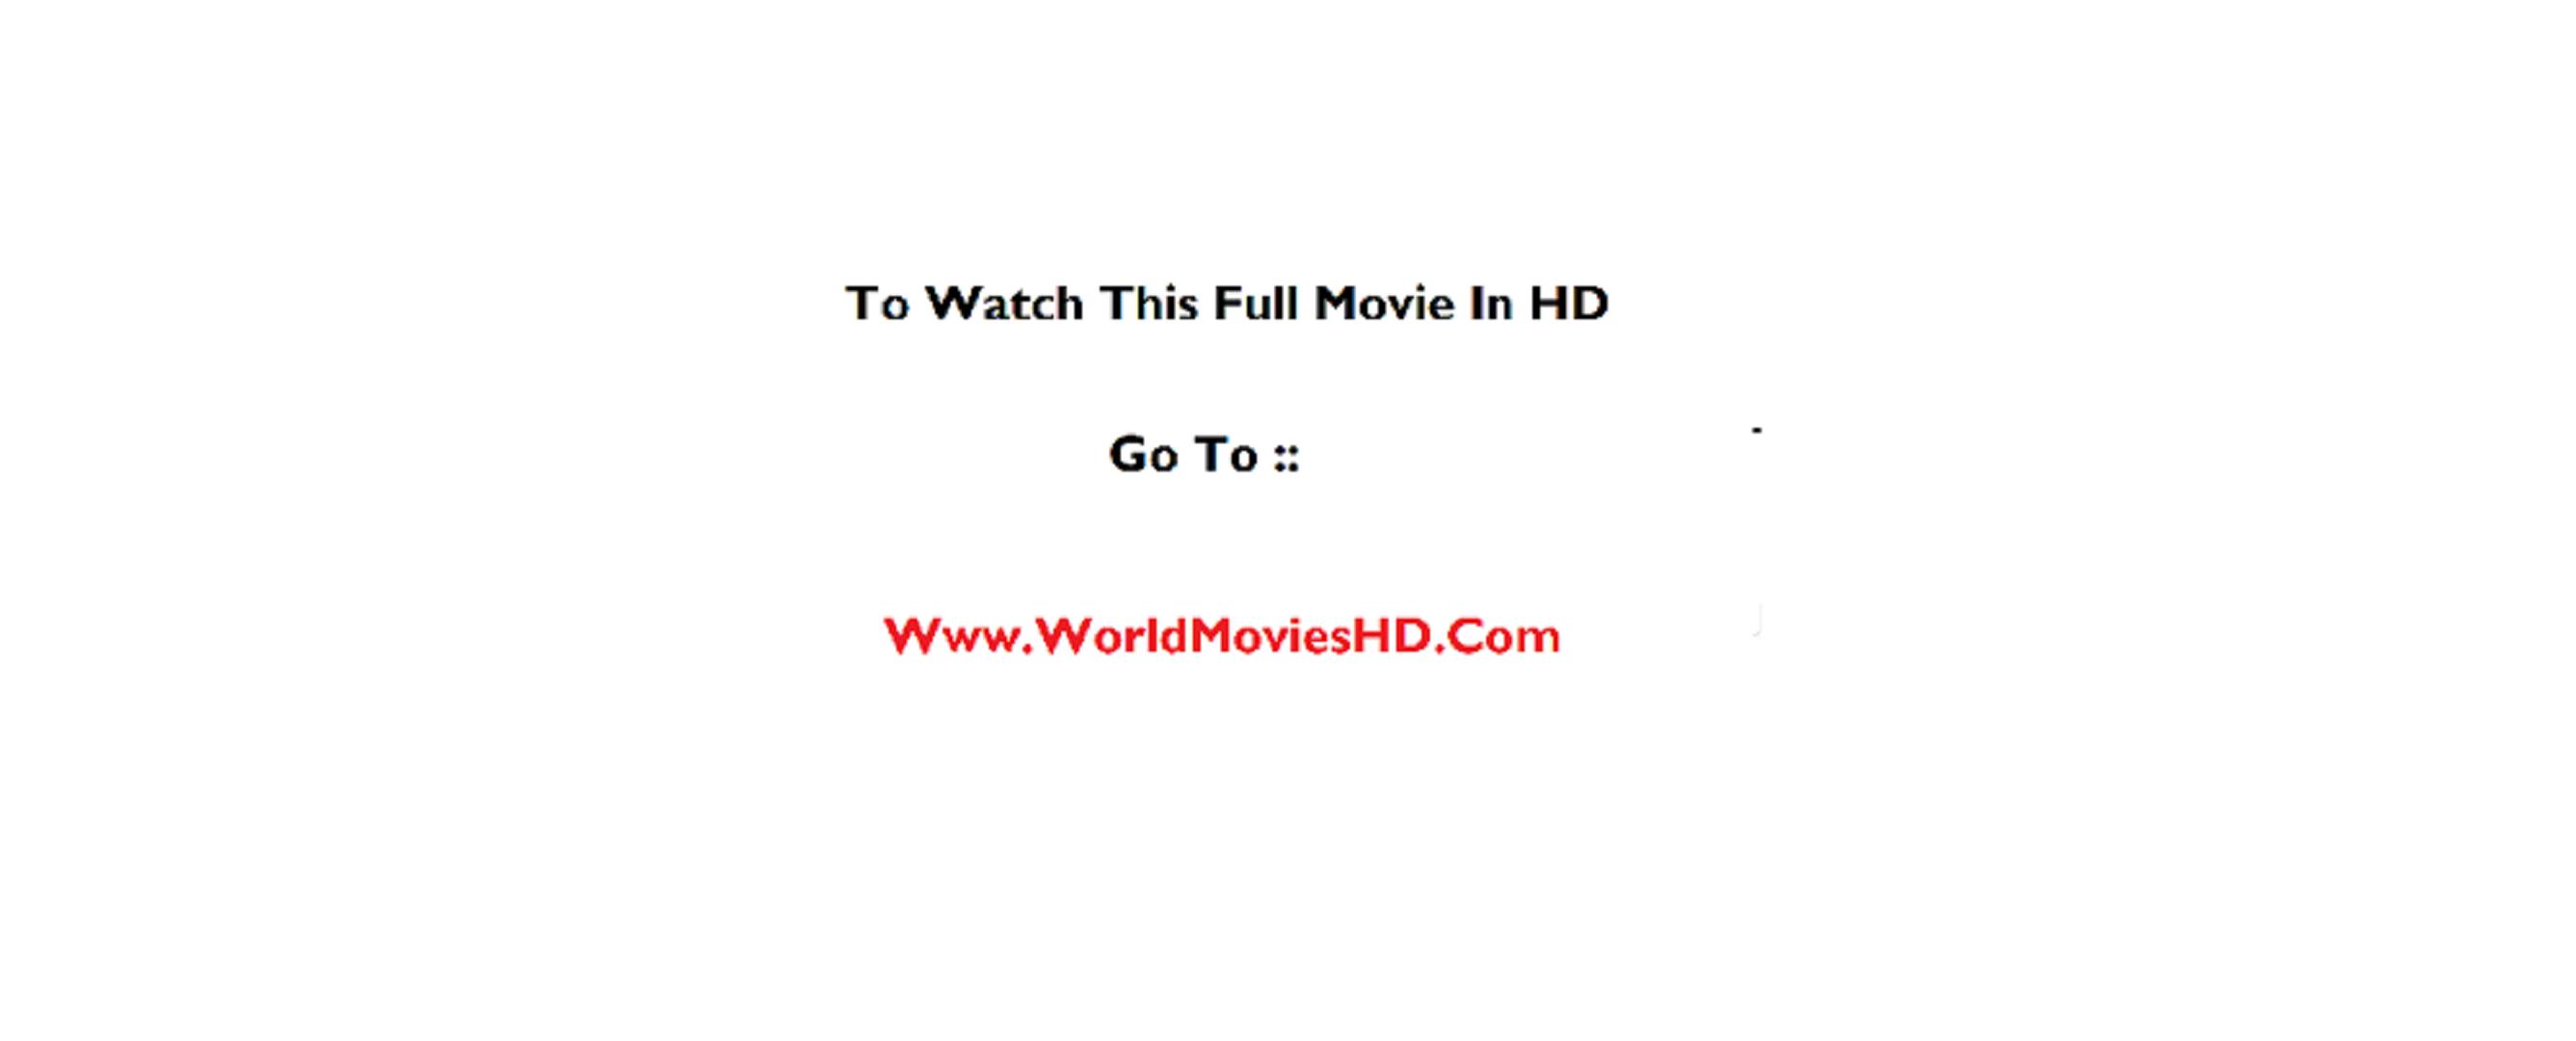 Mary Poppins Returns F U L L Movie [ ] Free Download Utorrent - Wow